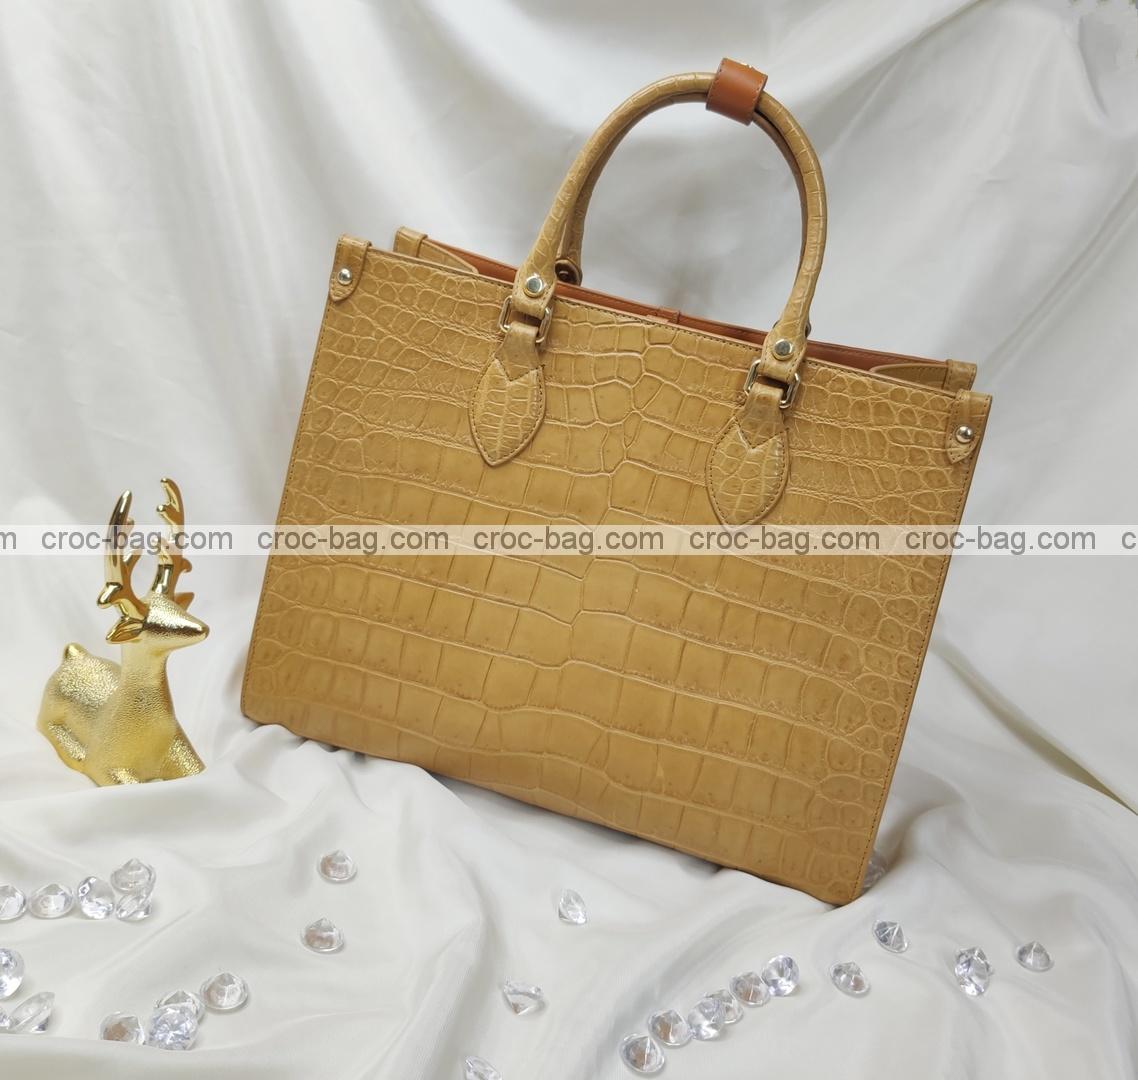 กระเป๋าหนังจระเข้สำหรับผู้หญิง 5429